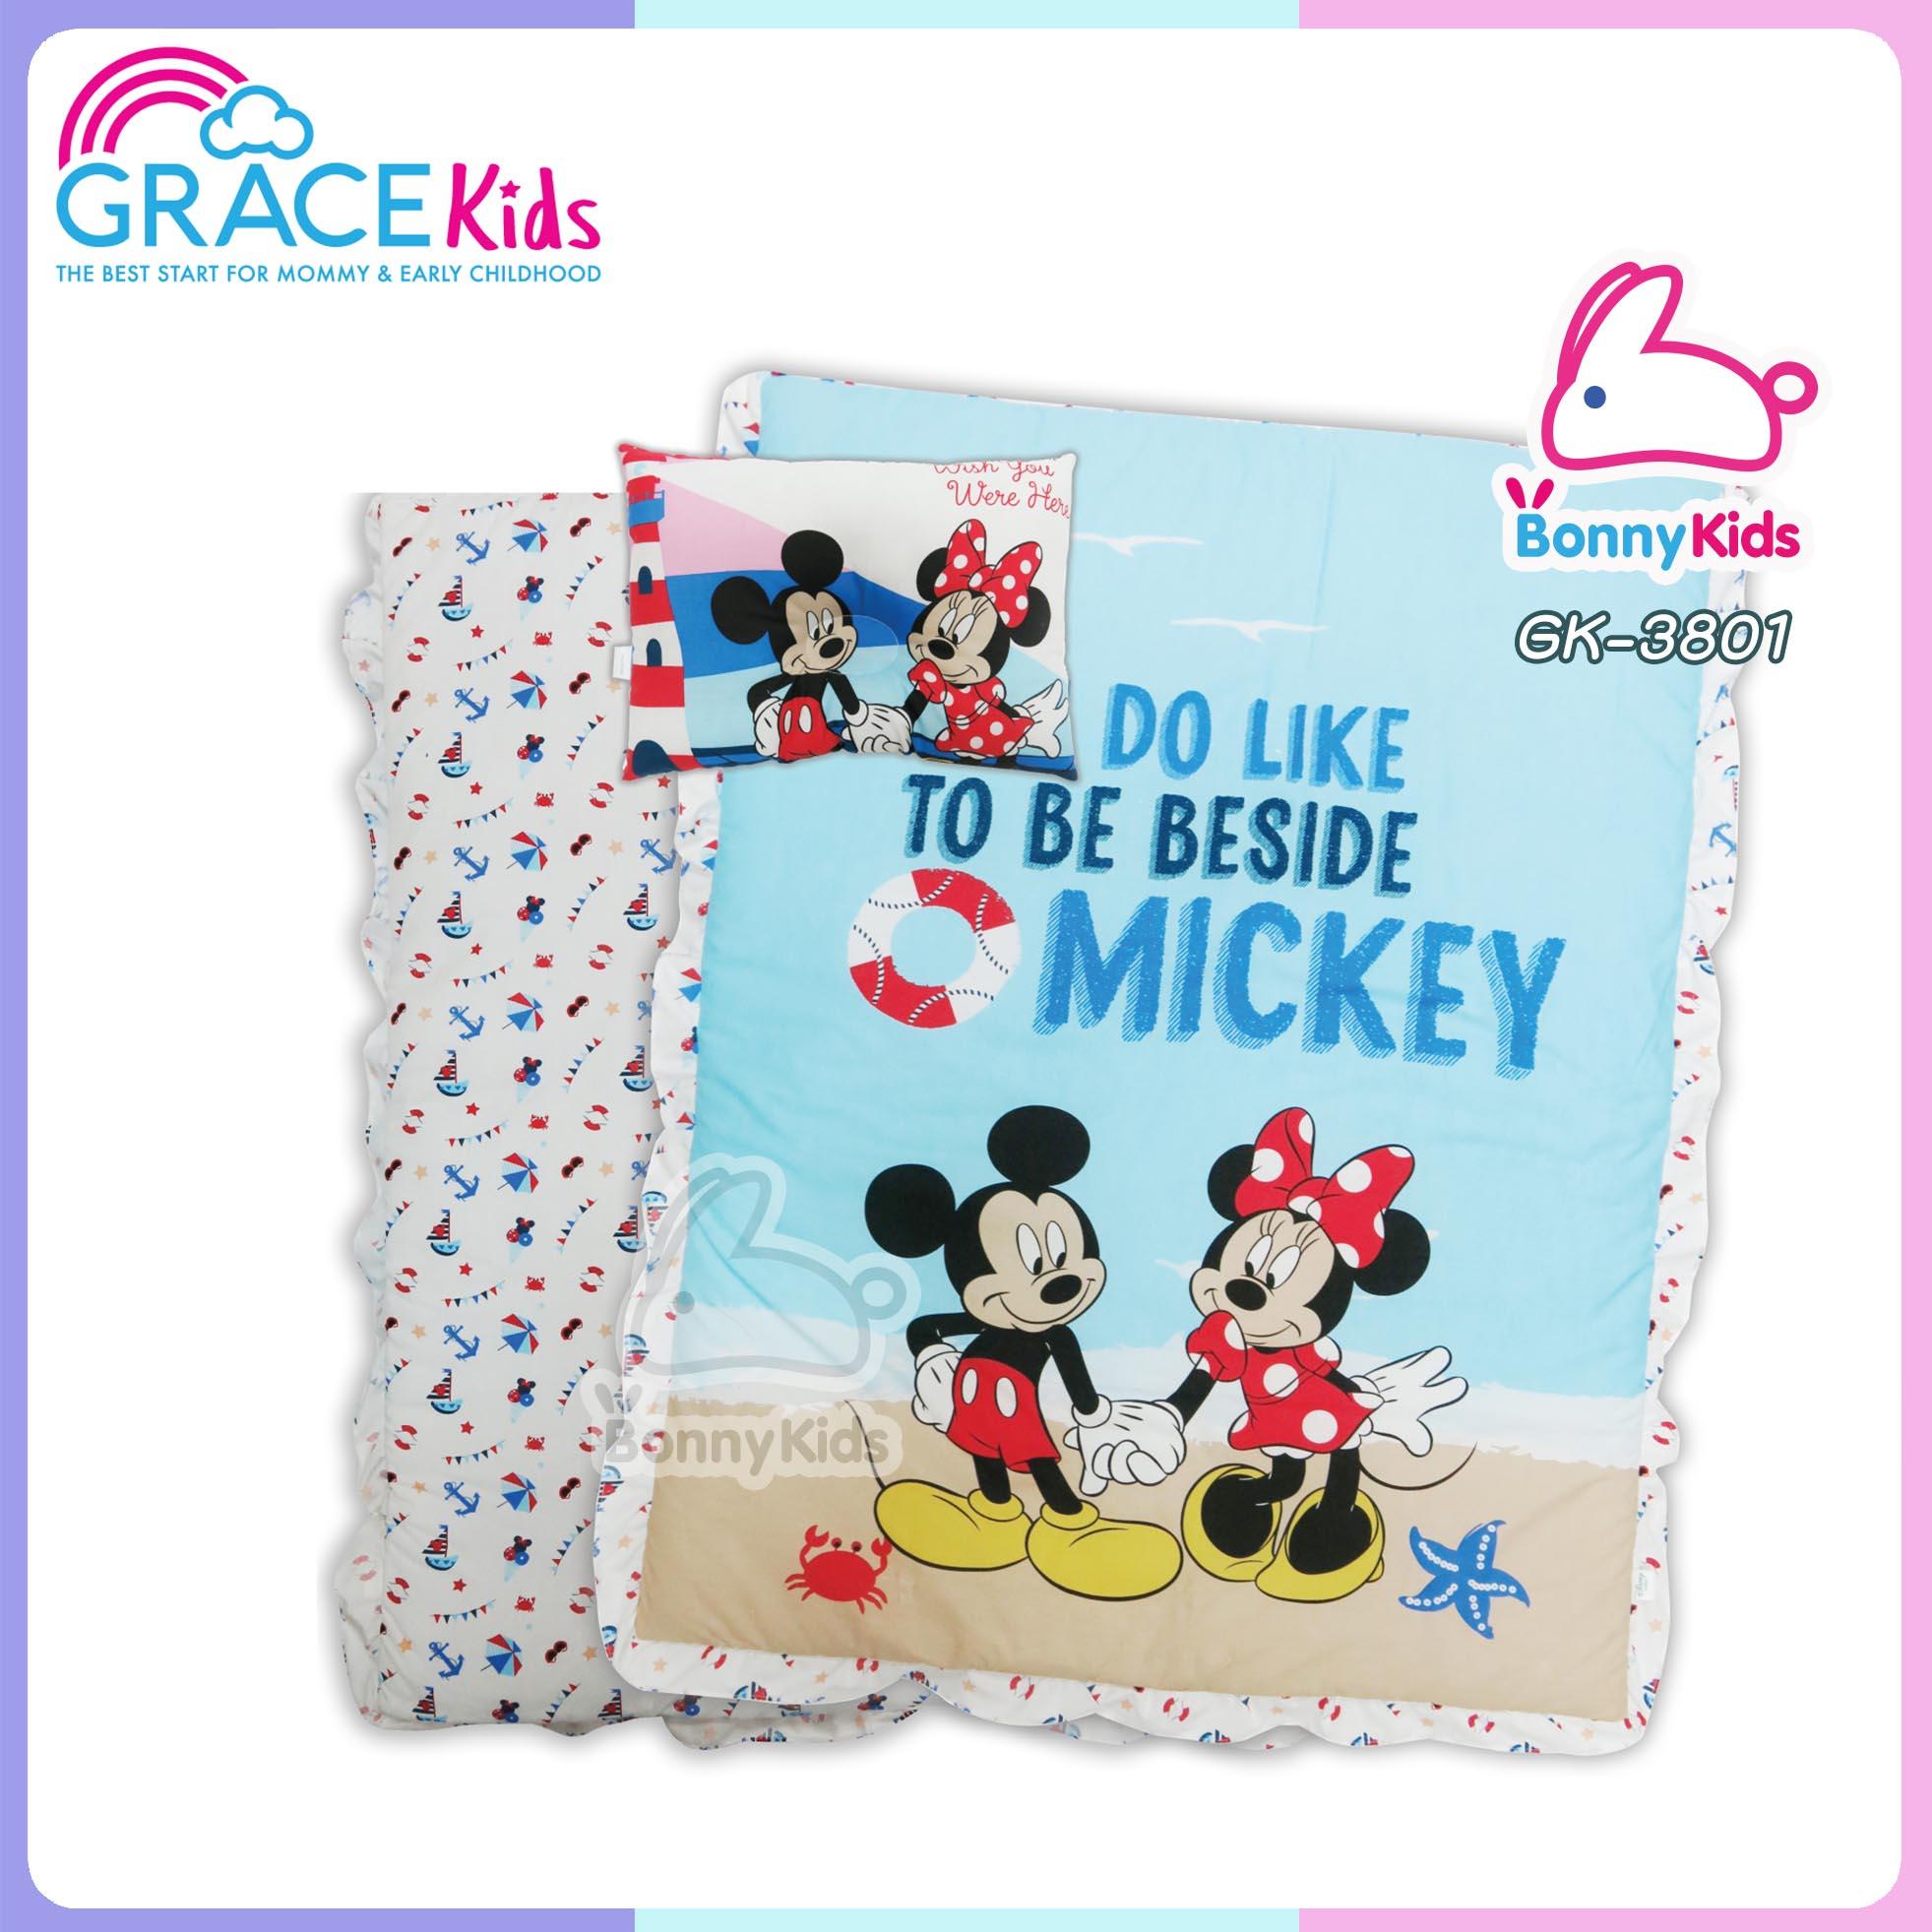 เกรซคิดส์ ชุดปิคนิค Mickey Wish You Here ไซส์ L 30*40 นิ้ว